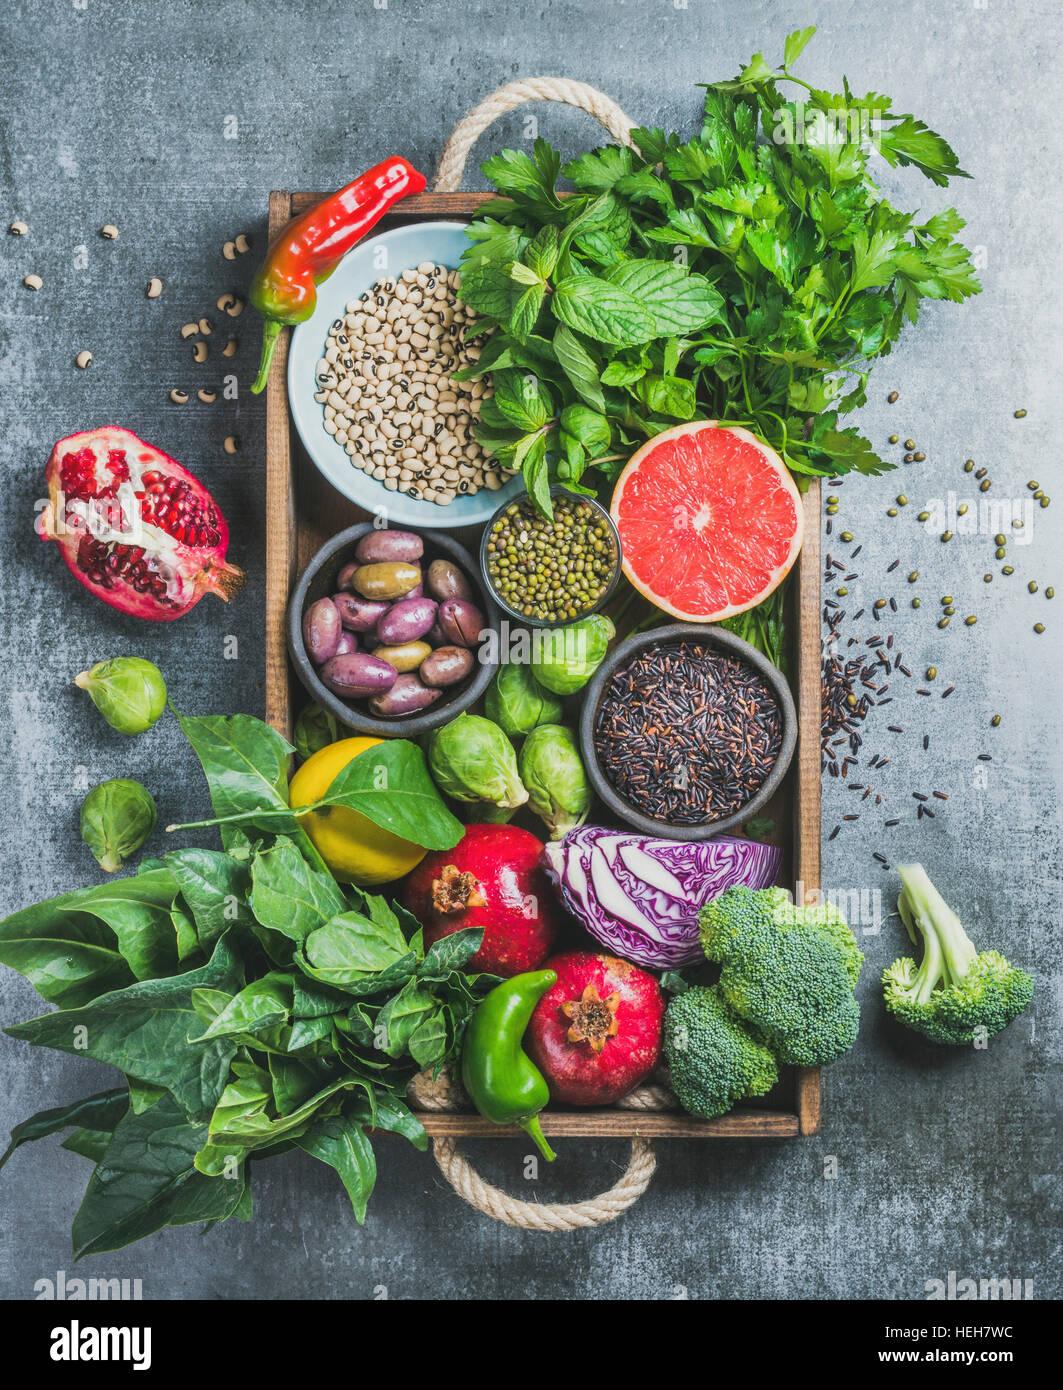 Les légumes, fruits, graines, céréales, haricots, épices, herbes, superaliments, condiment, Photo Stock